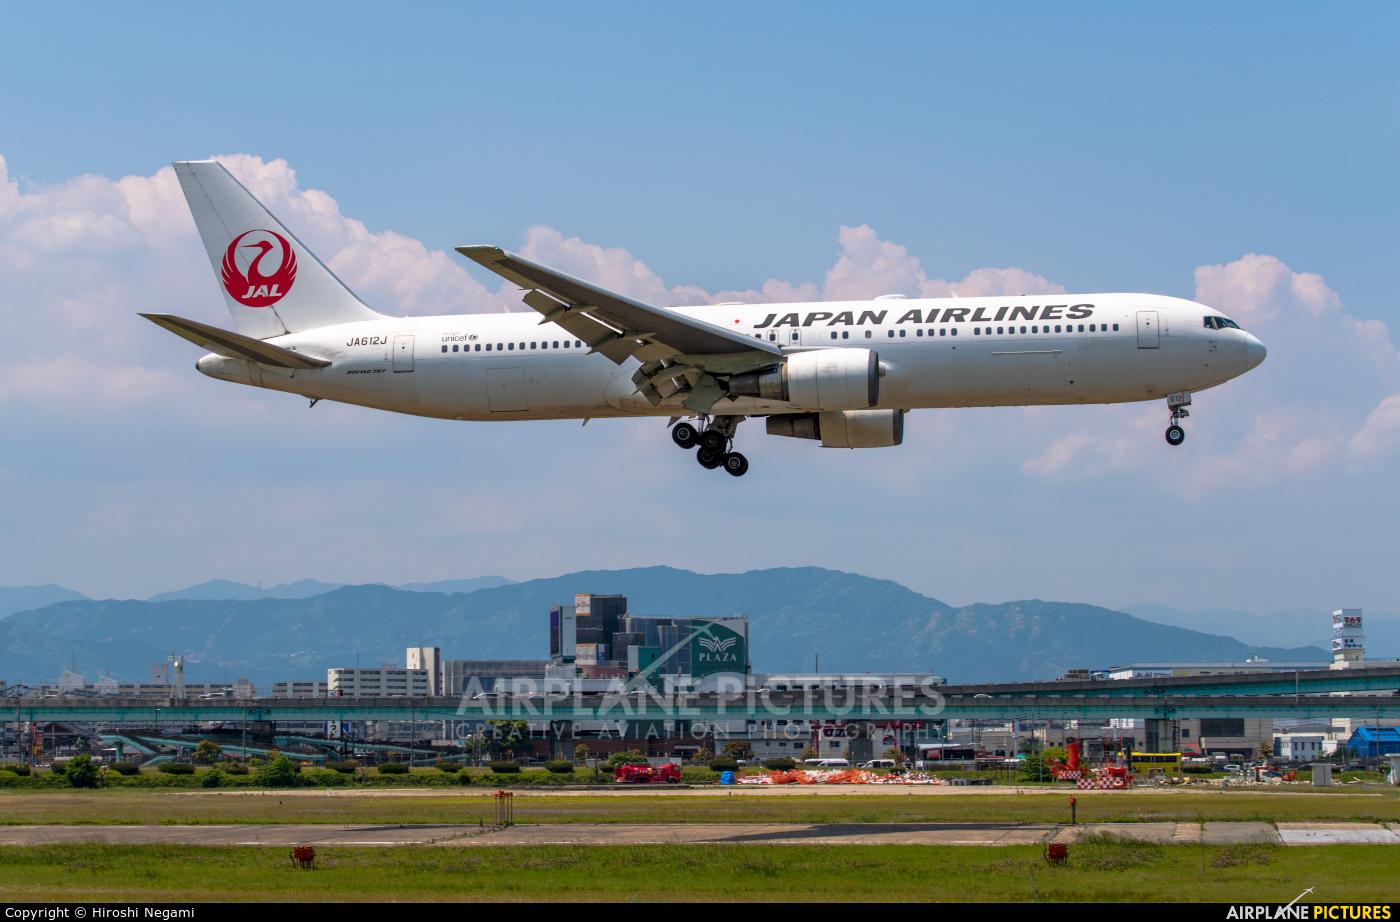 JAL - Japan Airlines JA612J aircraft at Fukuoka